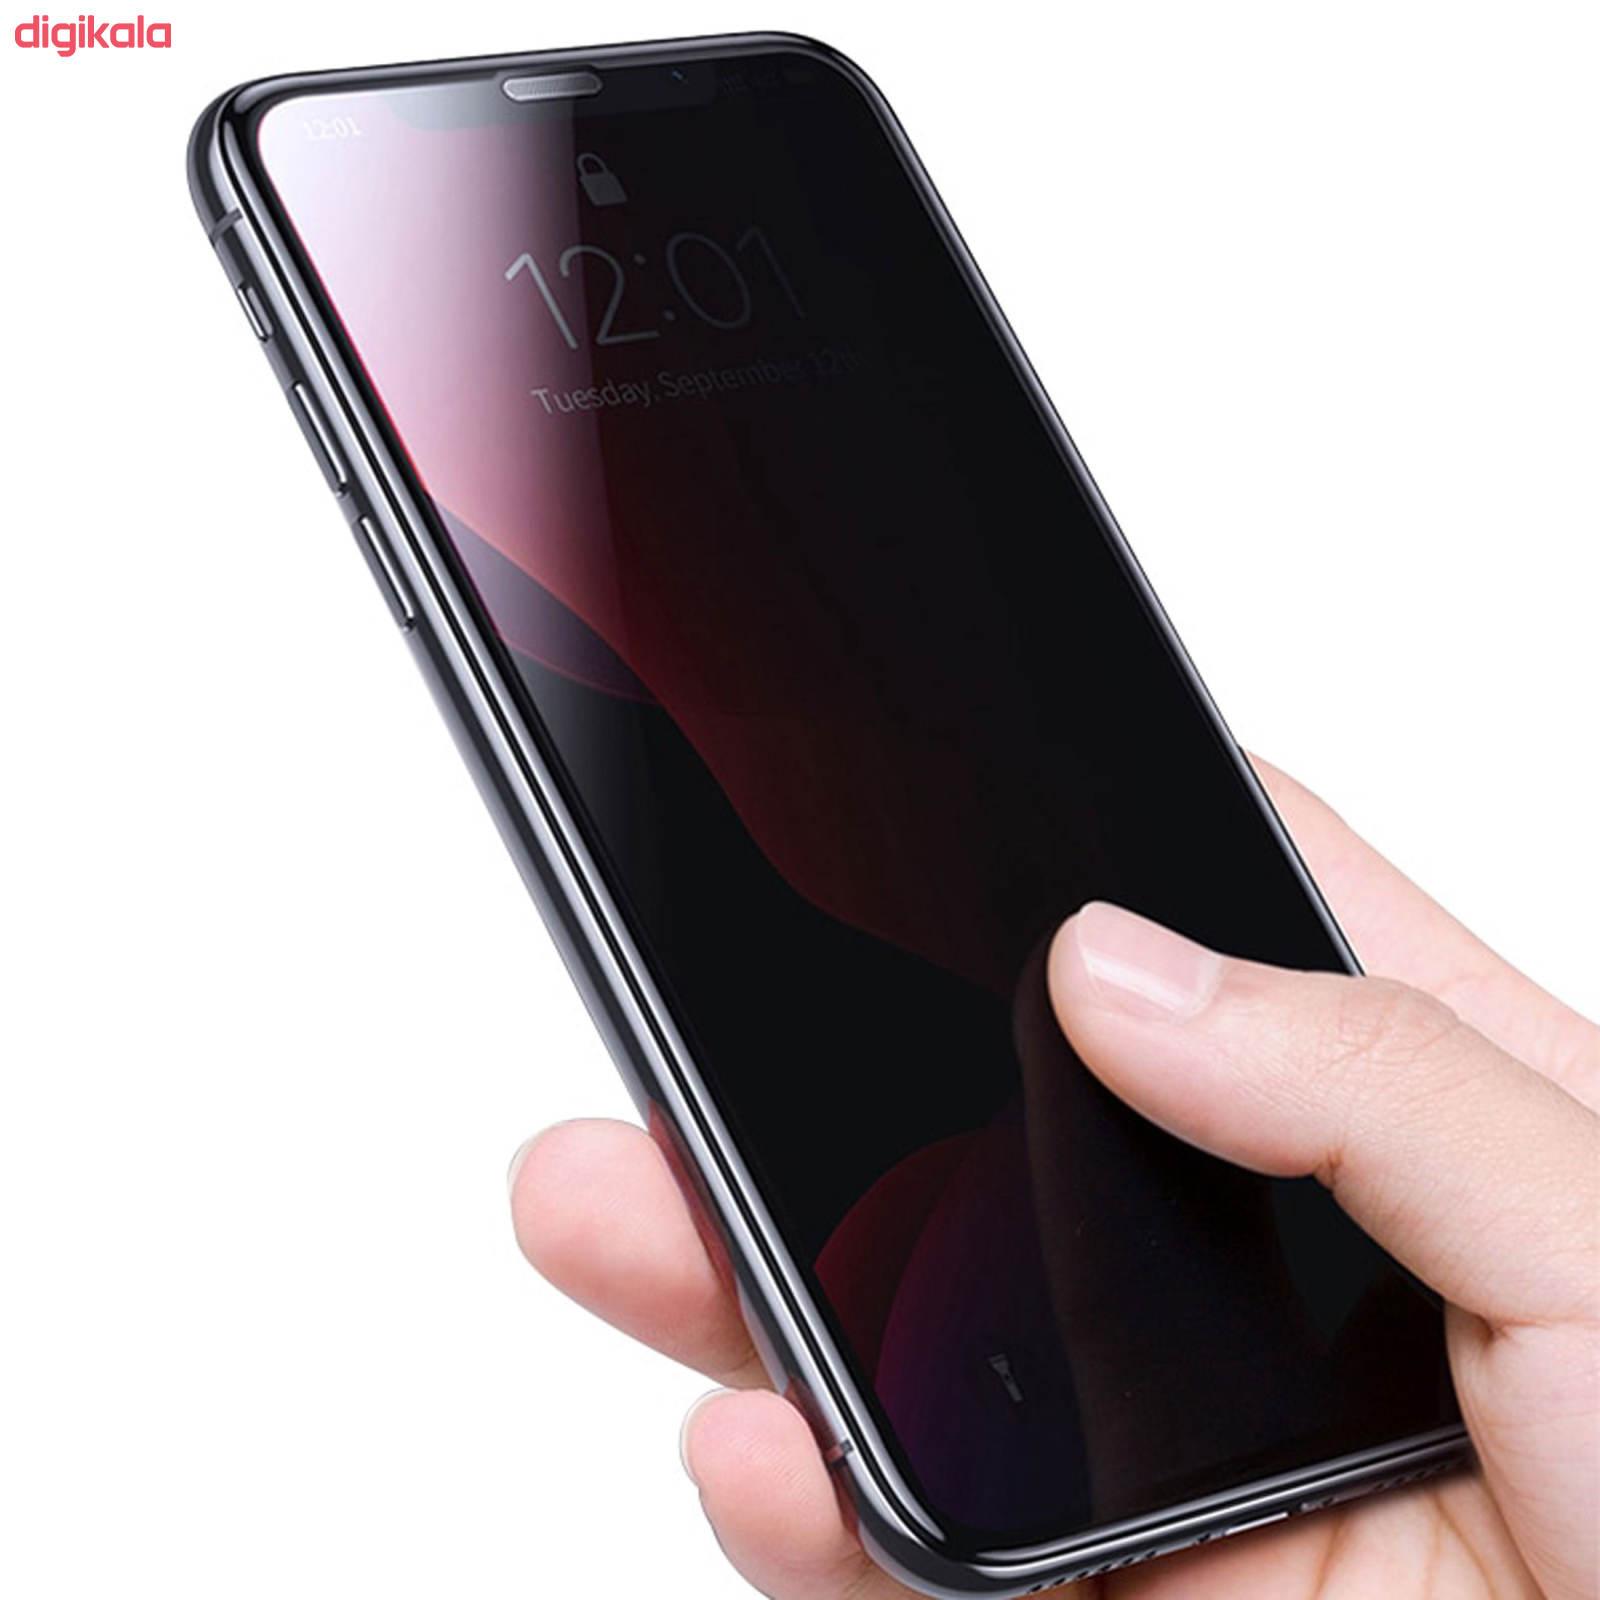 محافظ صفحه نمایش حریم شخصی ژنرال مدل GNprv-01 مناسب برای گوشی موبایل اپل IPhone 6 / 6s main 1 3